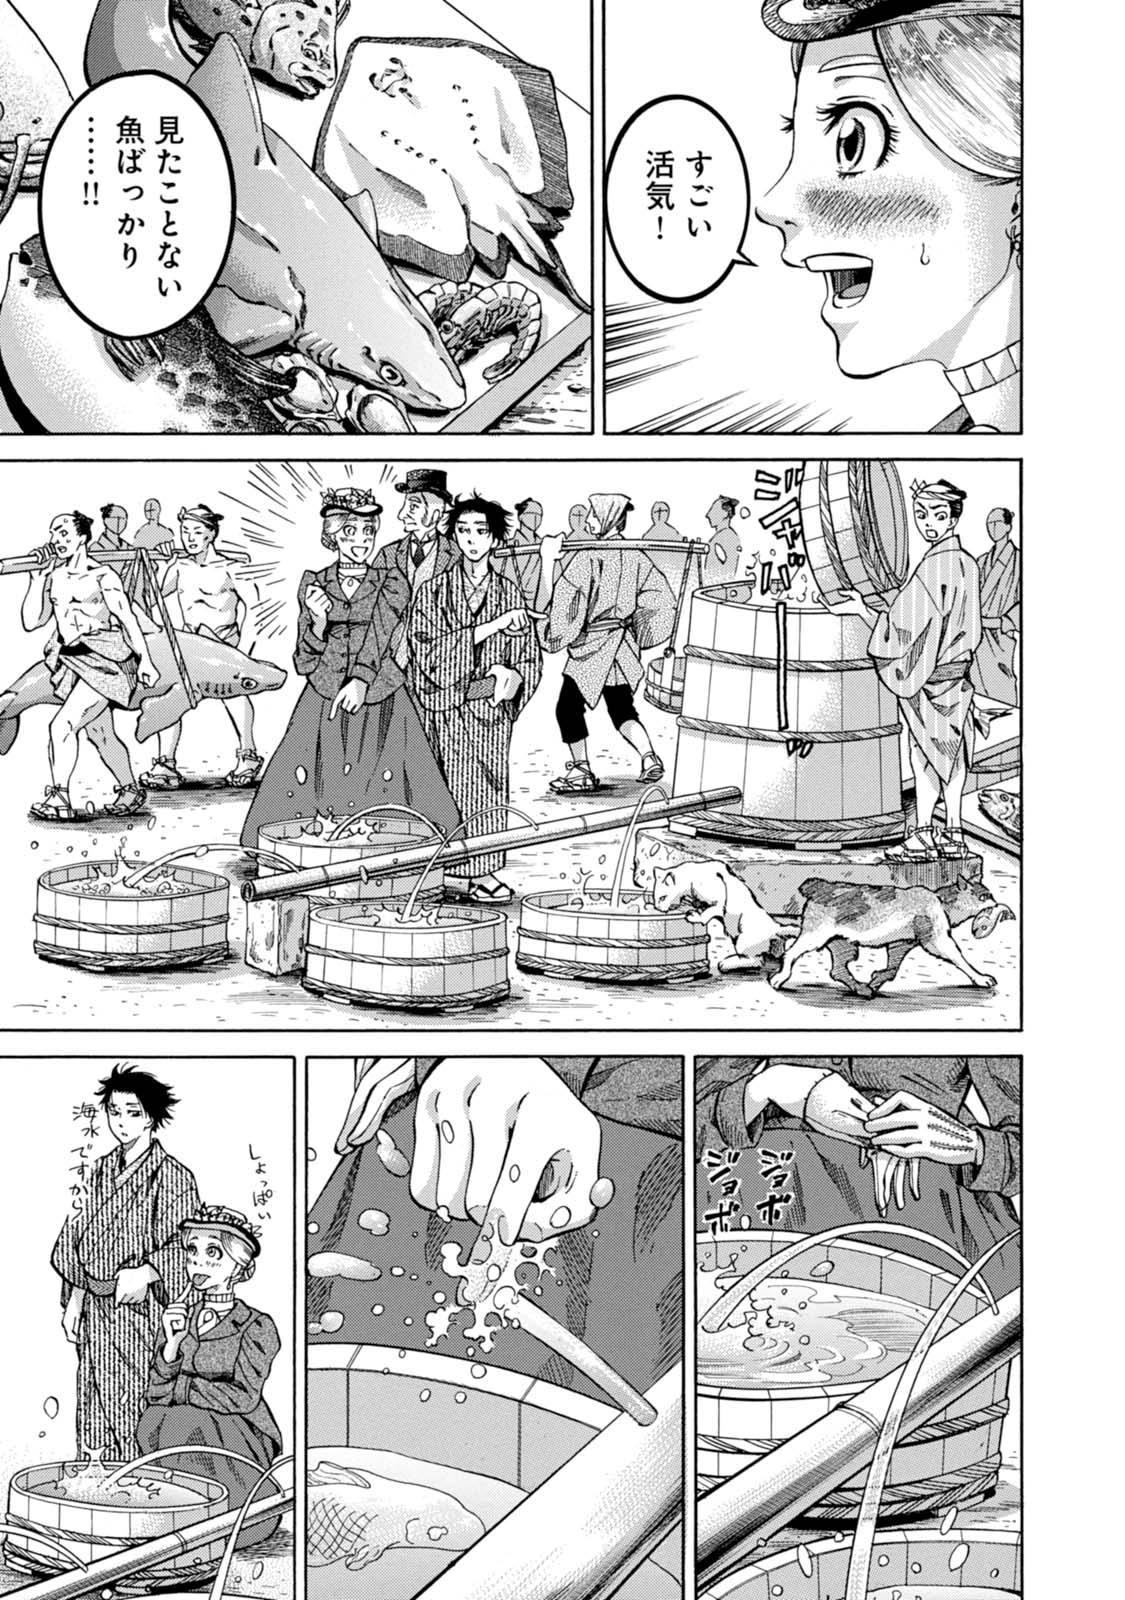 『ふしぎの国のバード』第1巻、横浜の街中で日本の慣習に触れたイザベラ・バードが興味を示すシーン